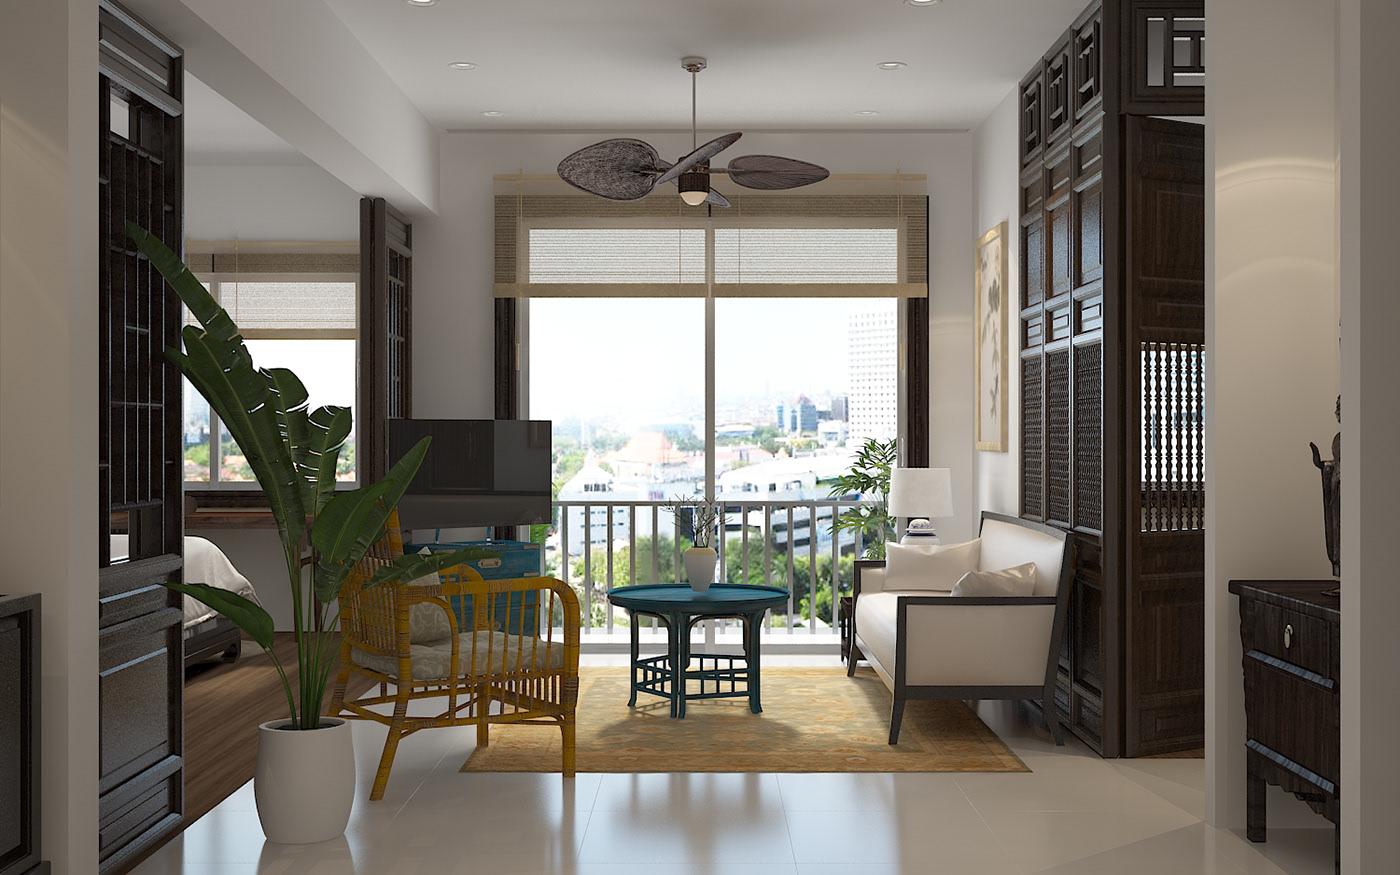 Không gian phòng khách giản đơn và thoáng mát phong cách Á Đông cho căn hộ chung cư